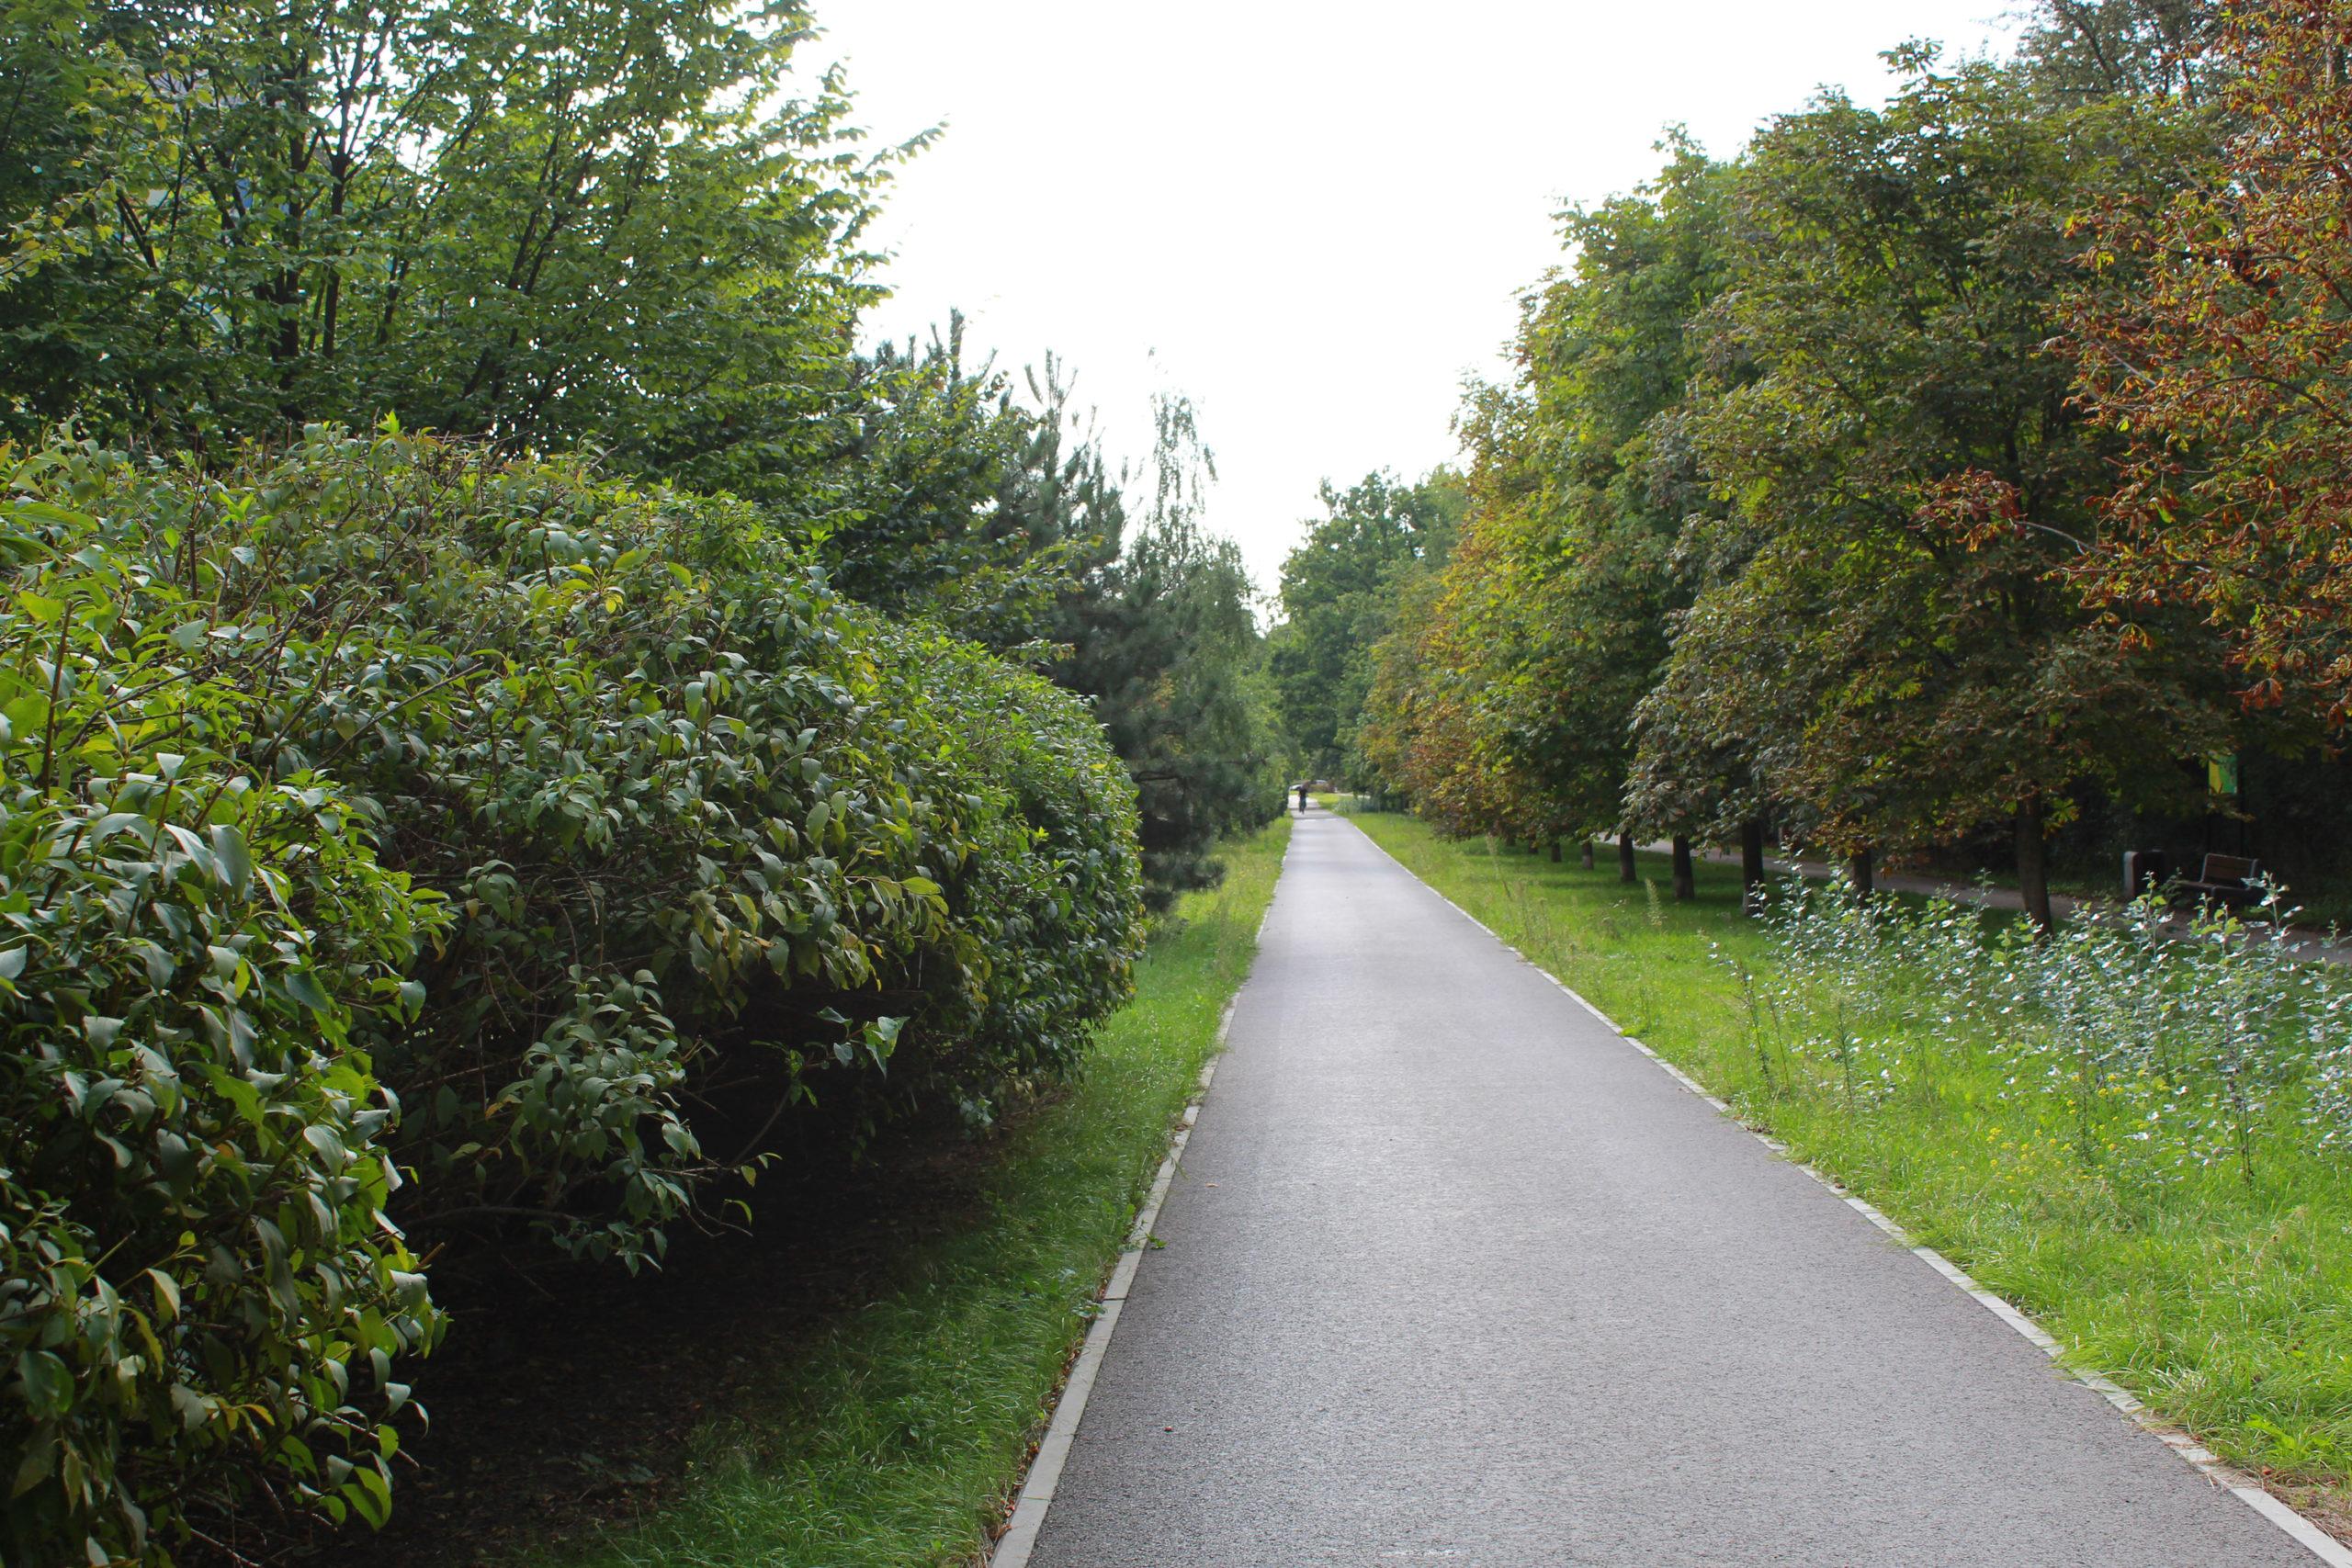 ścieżka rowerowa wśród zieleni